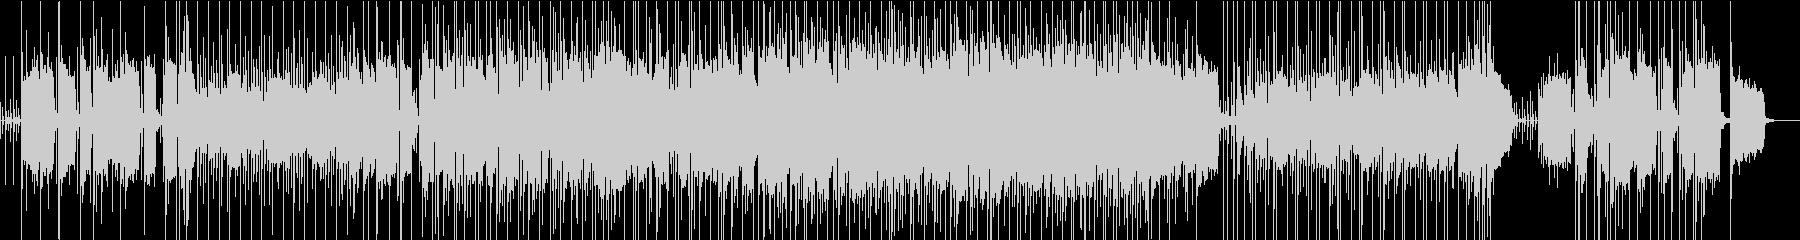 洋楽プログレロック、ハード目の未再生の波形